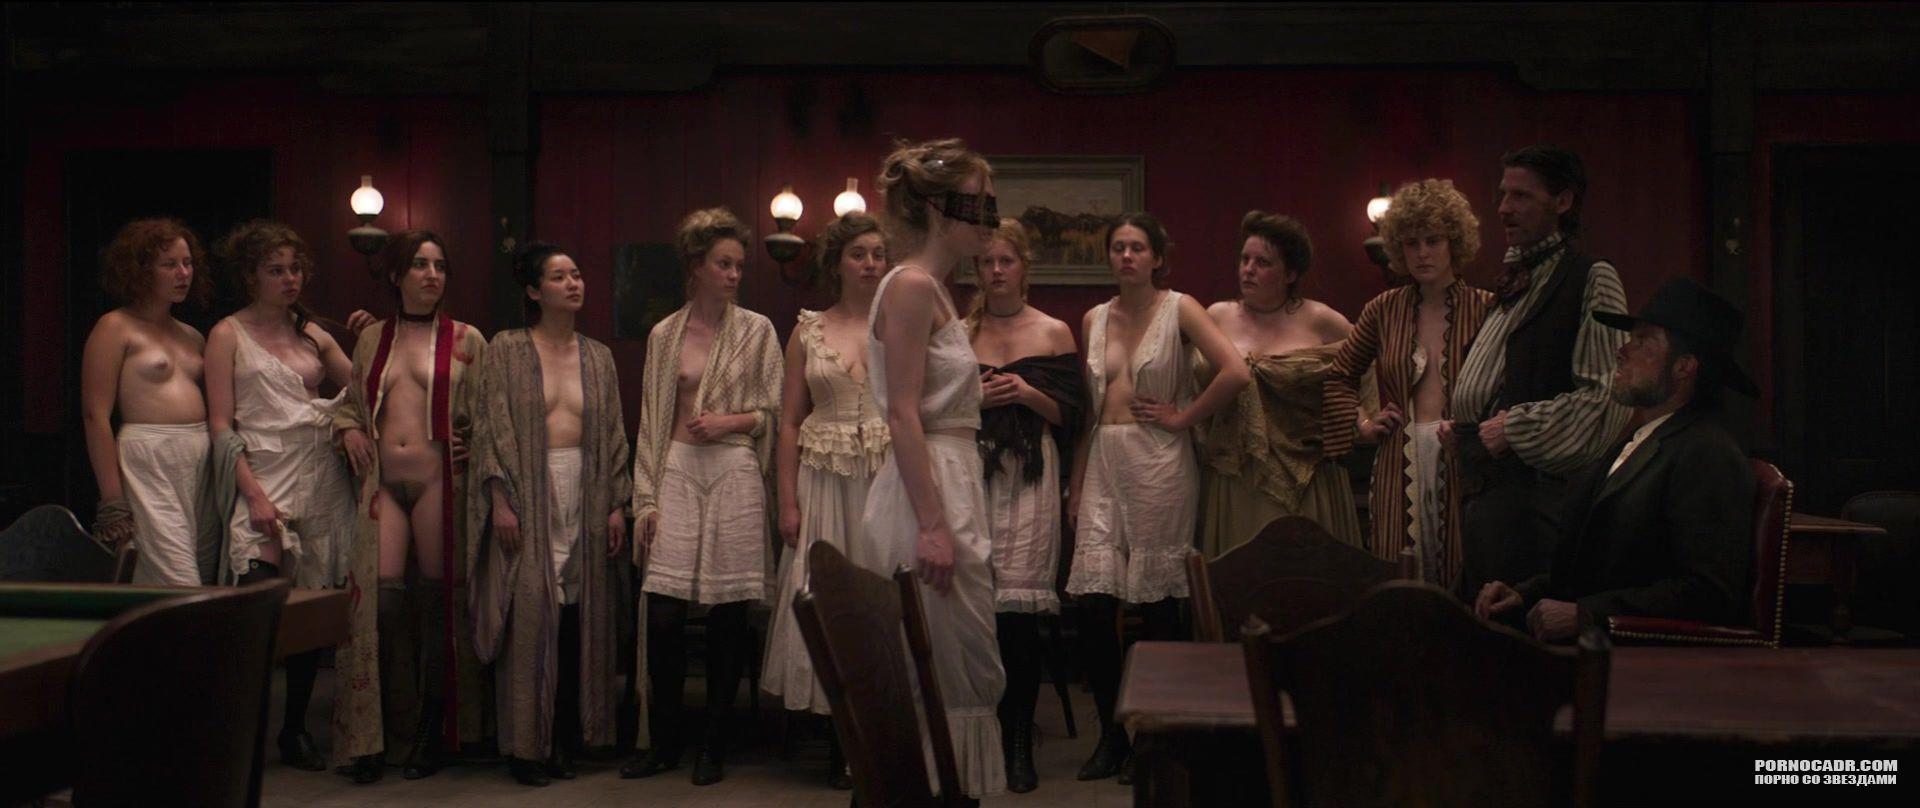 смотреть в онлайне фильм про проституток совершенно бесплатное деревенское